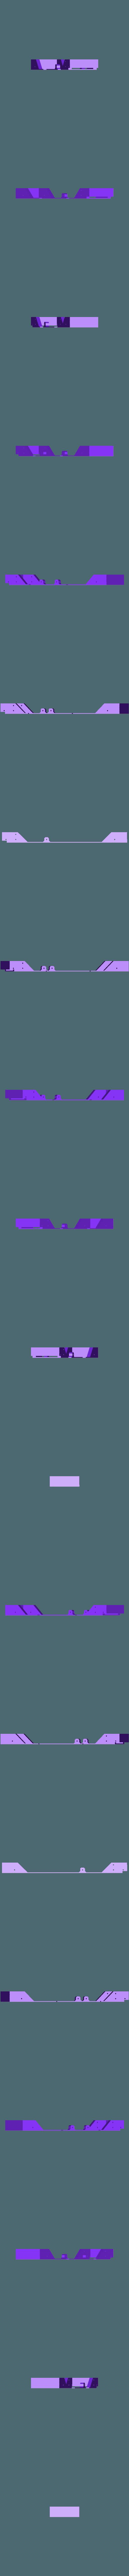 Truck_V4_Frame_D1ACC.STL Download STL file 3D Printed Rc Truck V4 • 3D printable template, MrCrankyface